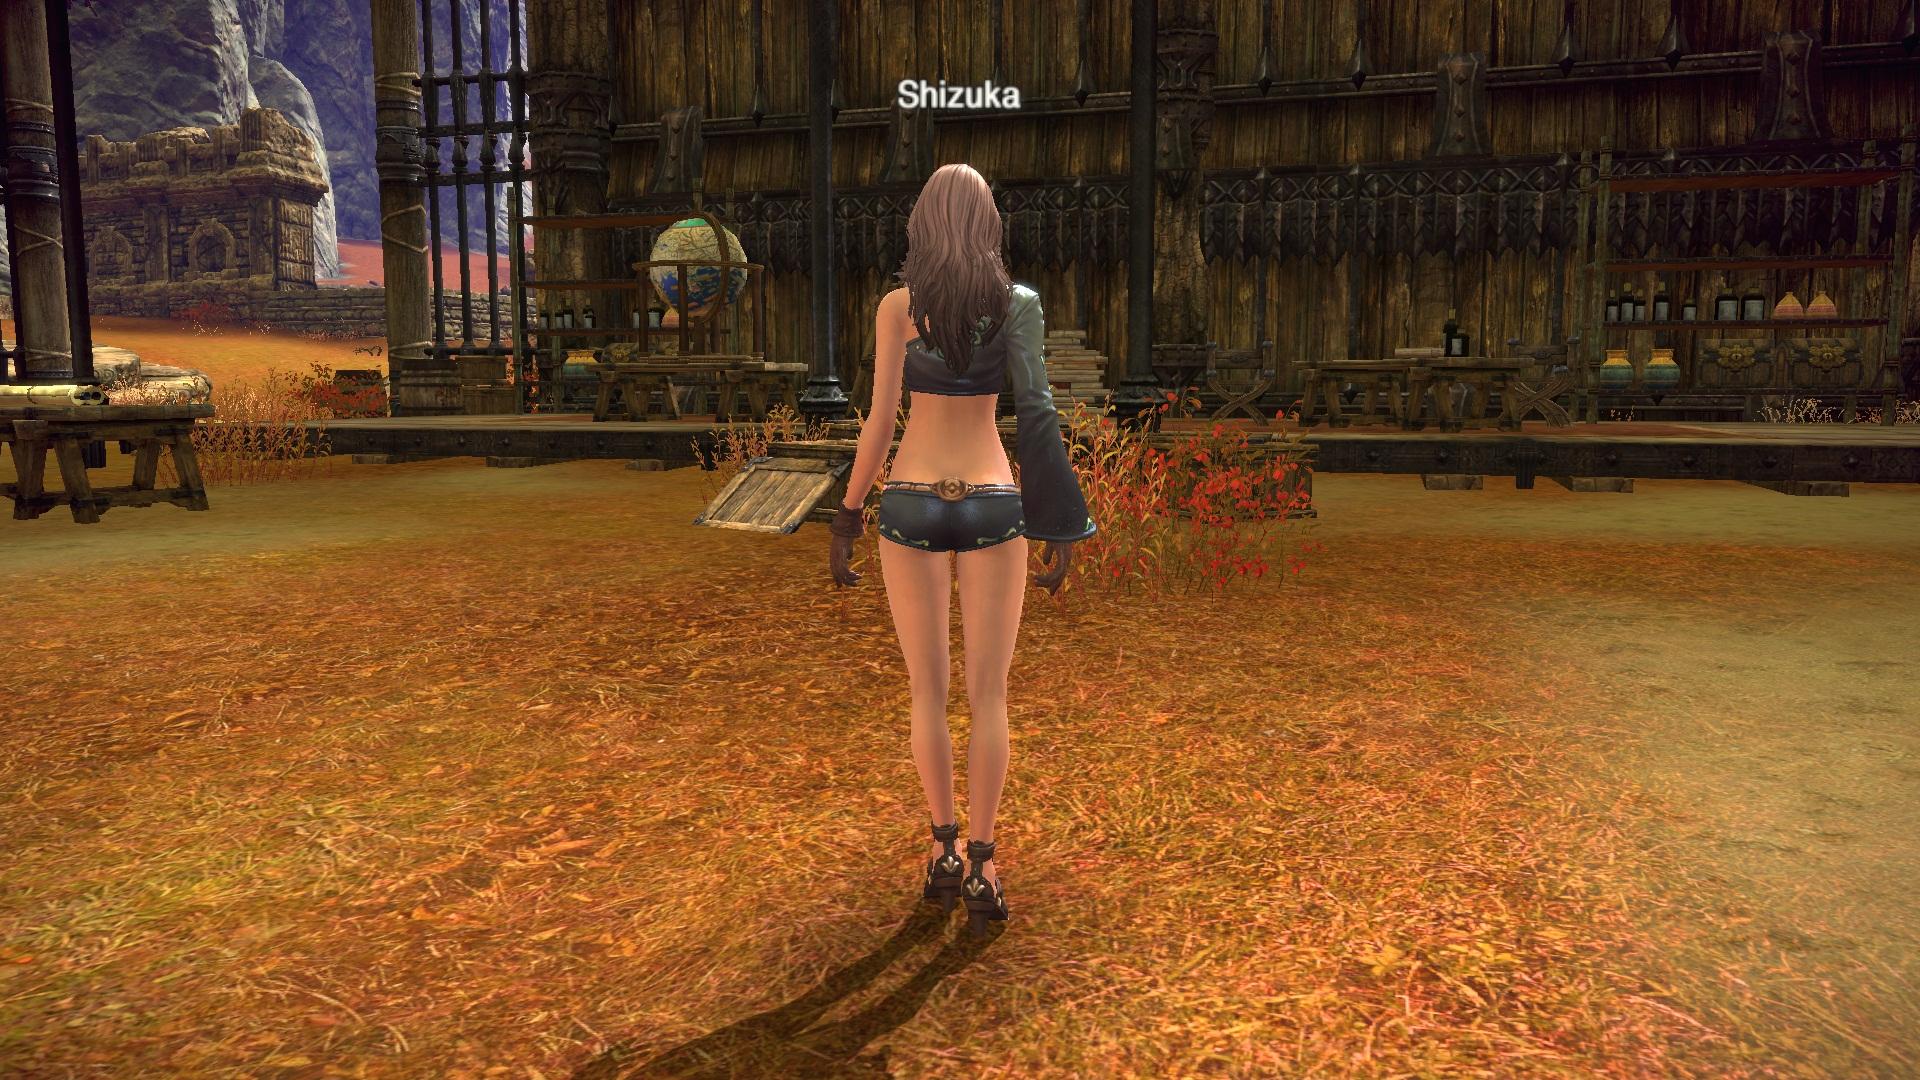 cloudius games boo-yah deleted link tera